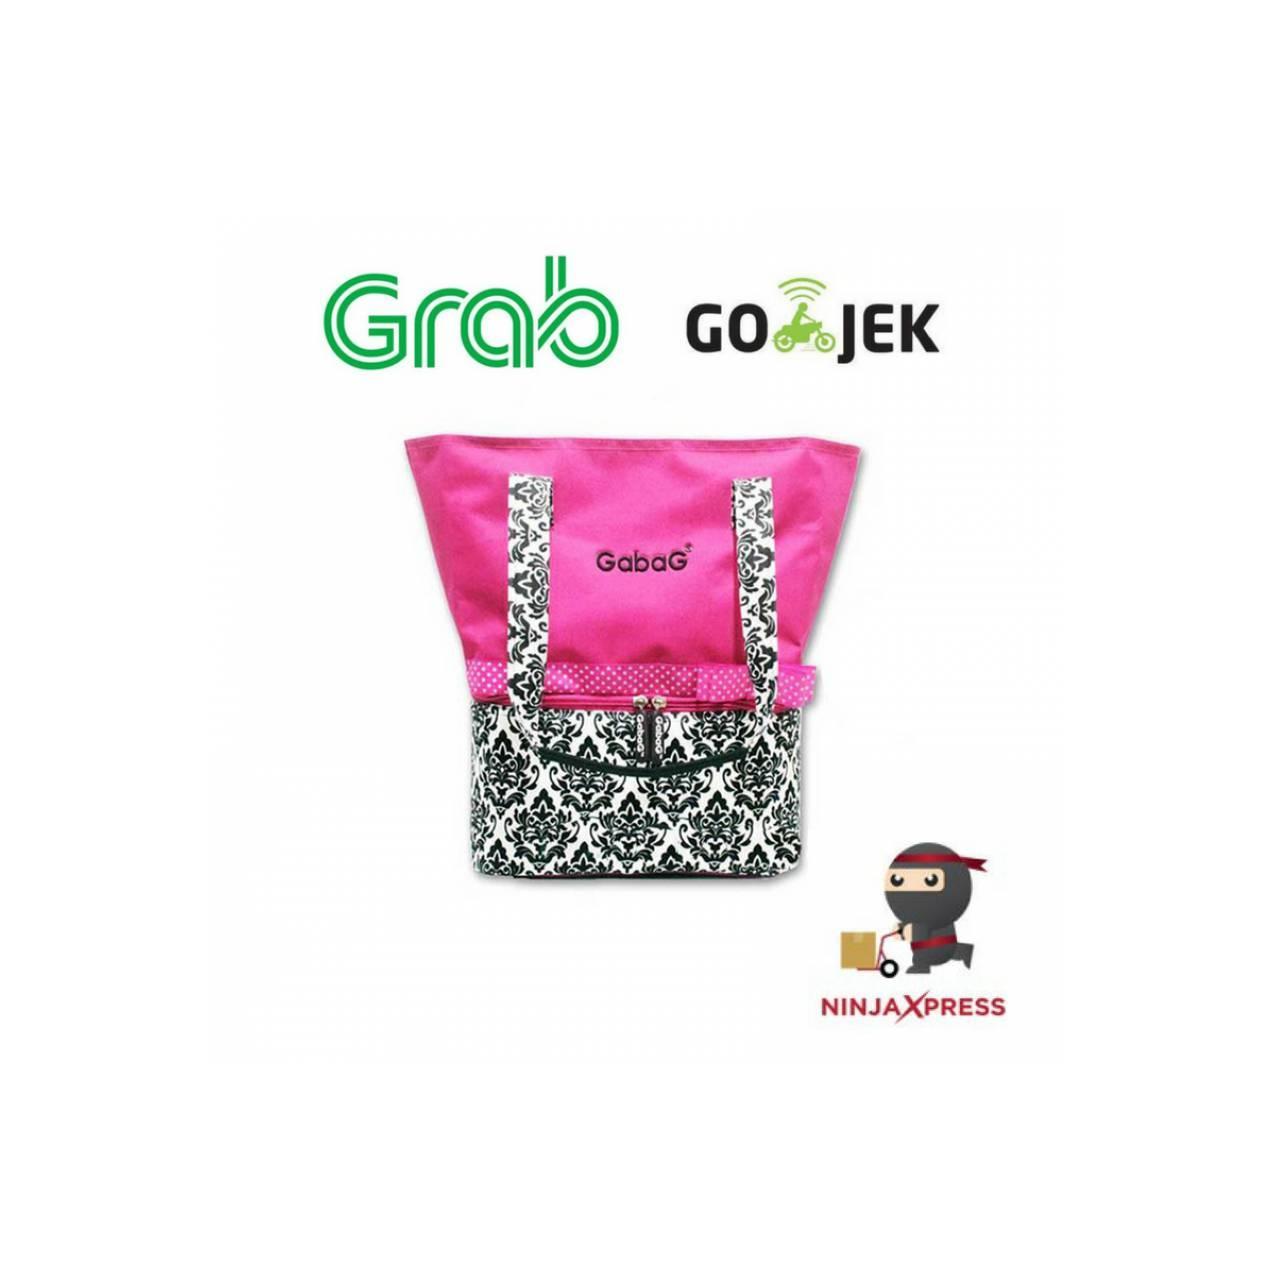 Jual Cooler Bag ASI GabaG Ayana Murah